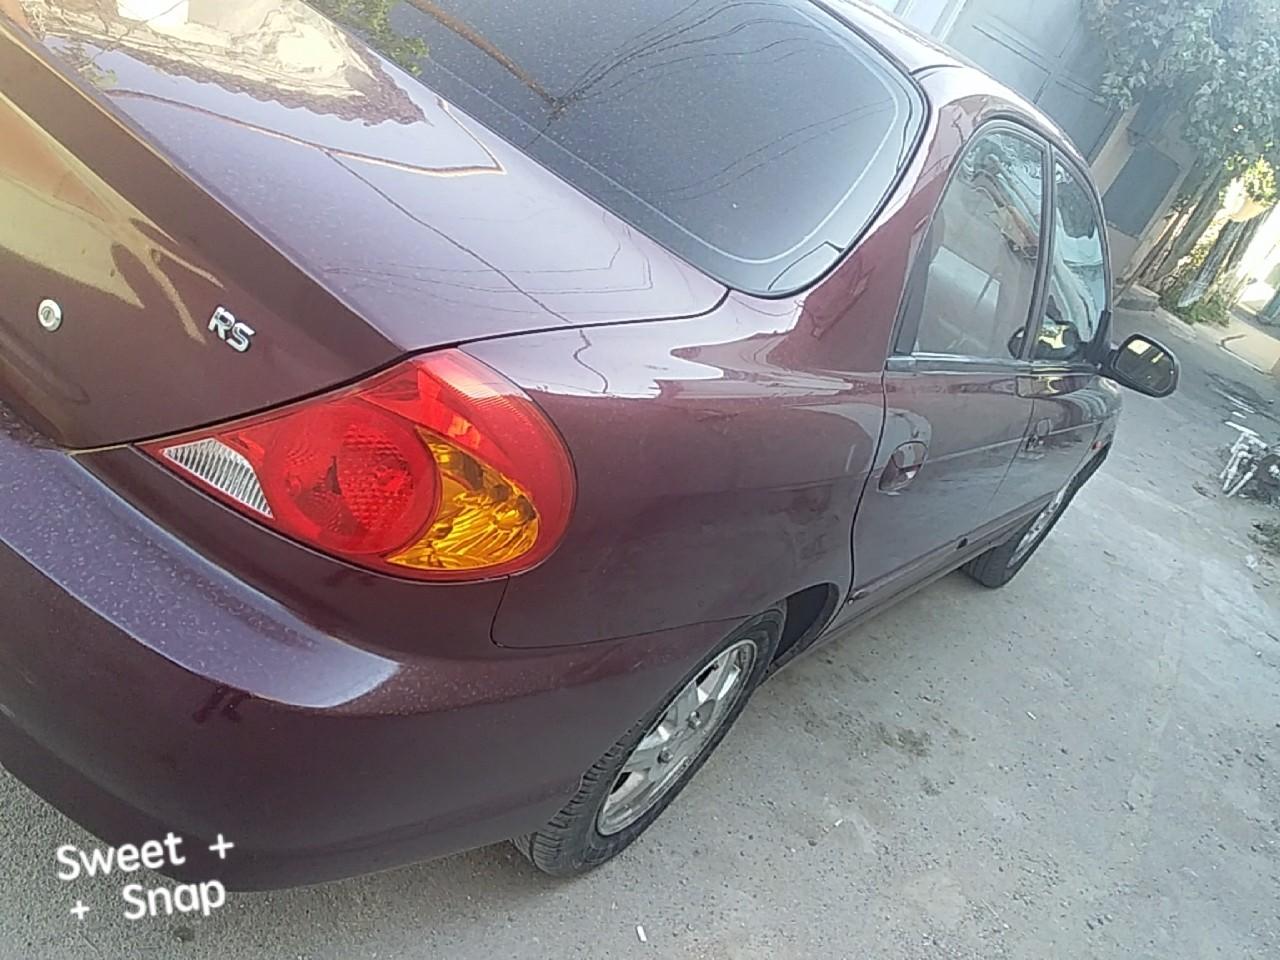 Kia Cerato 1.6(lt) 2008 Подержанный  $4900